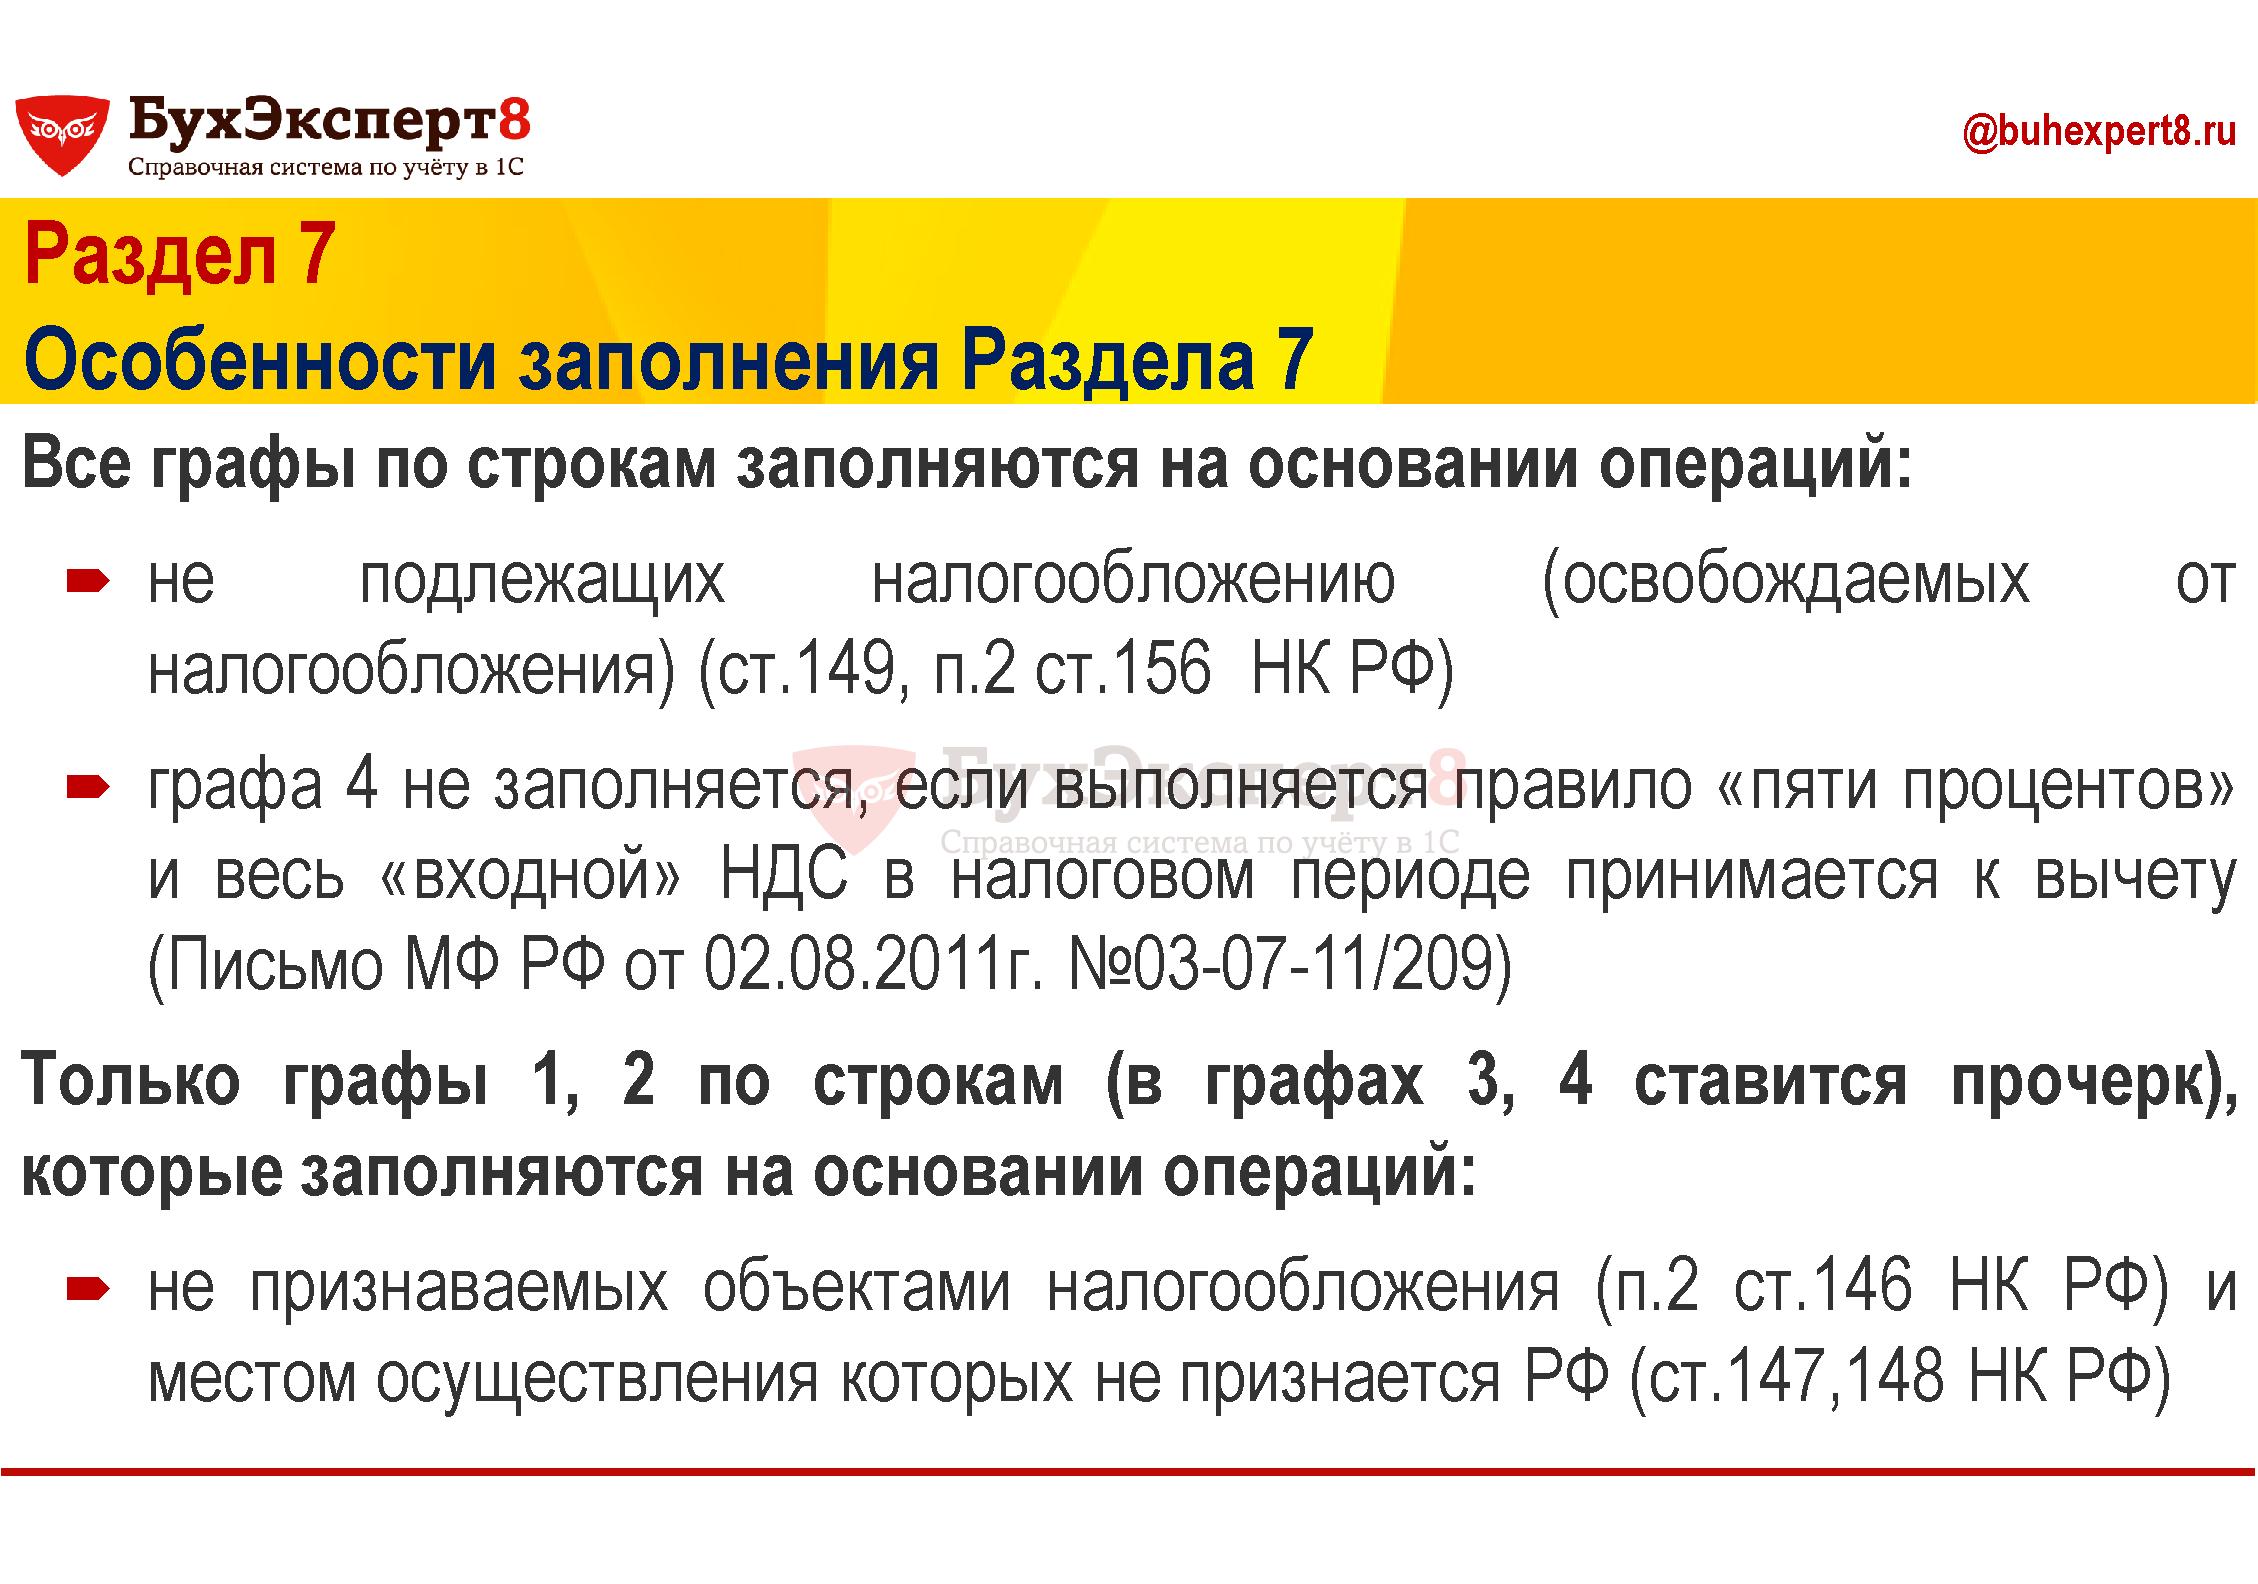 Раздел 7 Особенности заполнения Раздела 7 Все графы по строкам заполняются на основании операций: не подлежащих налогообложению (освобождаемых от налогообложения) (ст.149, п.2 ст.156 НК РФ) графа 4 не заполняется, если выполняется правило «пяти процентов» и весь «входной» НДС в налоговом периоде принимается к вычету (Письмо МФ РФ от 02.08.2011г. №03-07-11/209) Только графы 1, 2 по строкам (в графах 3, 4 ставится прочерк), которые заполняются на основании операций: не признаваемых объектами налогообложения (п.2 ст.146 НК РФ) и местом осуществления которых не признается РФ (ст.147,148 НК РФ)